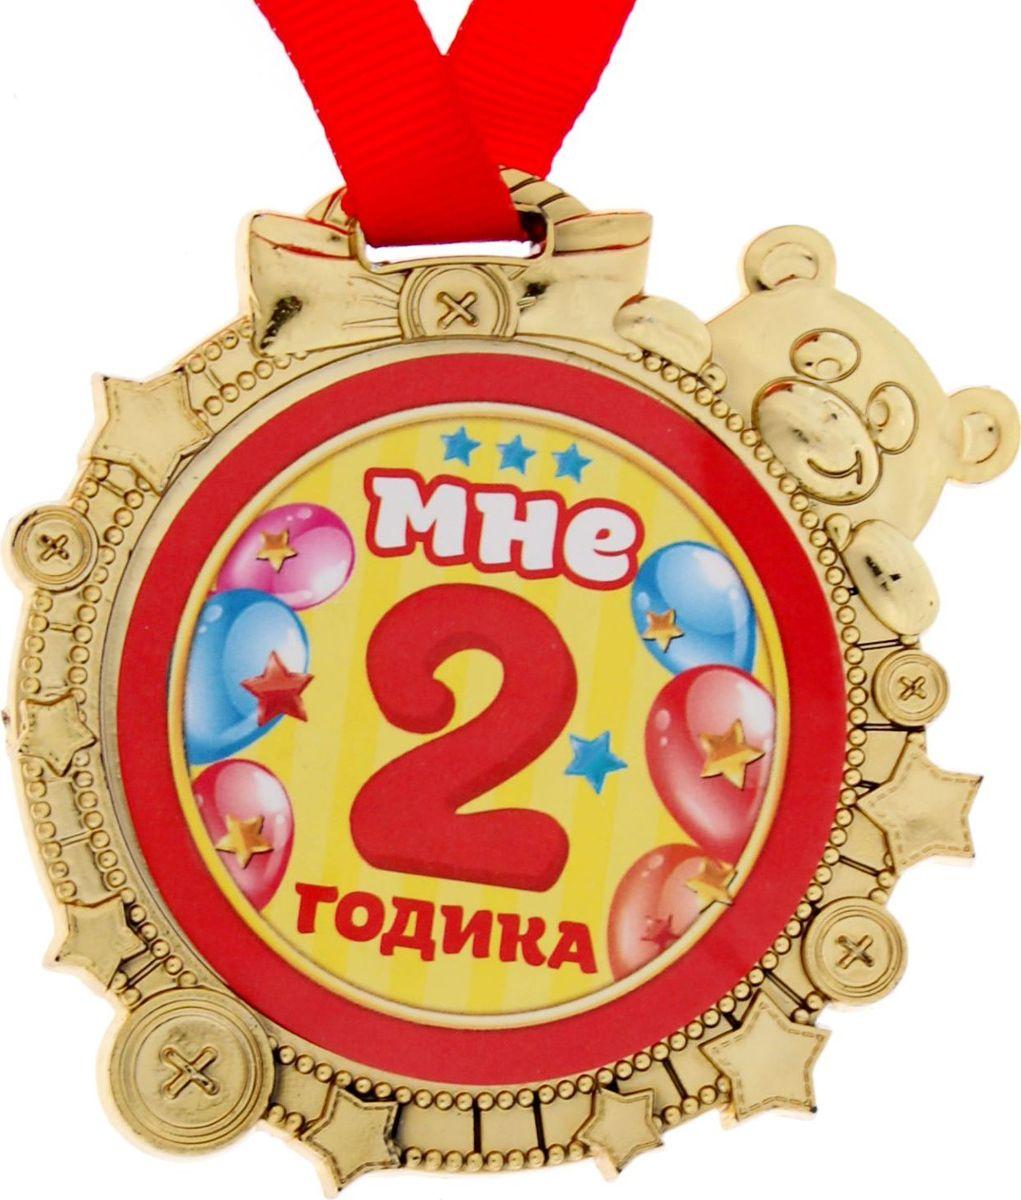 Медаль сувенирная Мне 2 годика, 6,9 х 6,9 см1866904Красочная медаль золотого цвета для награждения детишек во время проведения соревнований, конкурсов и утренников подвигнет ребят на достижение новых высот! Награда дополнена яркой лентой, позволяющей сразу повесить изделие на шею ребёнка. Преподносится на красочной подложке.